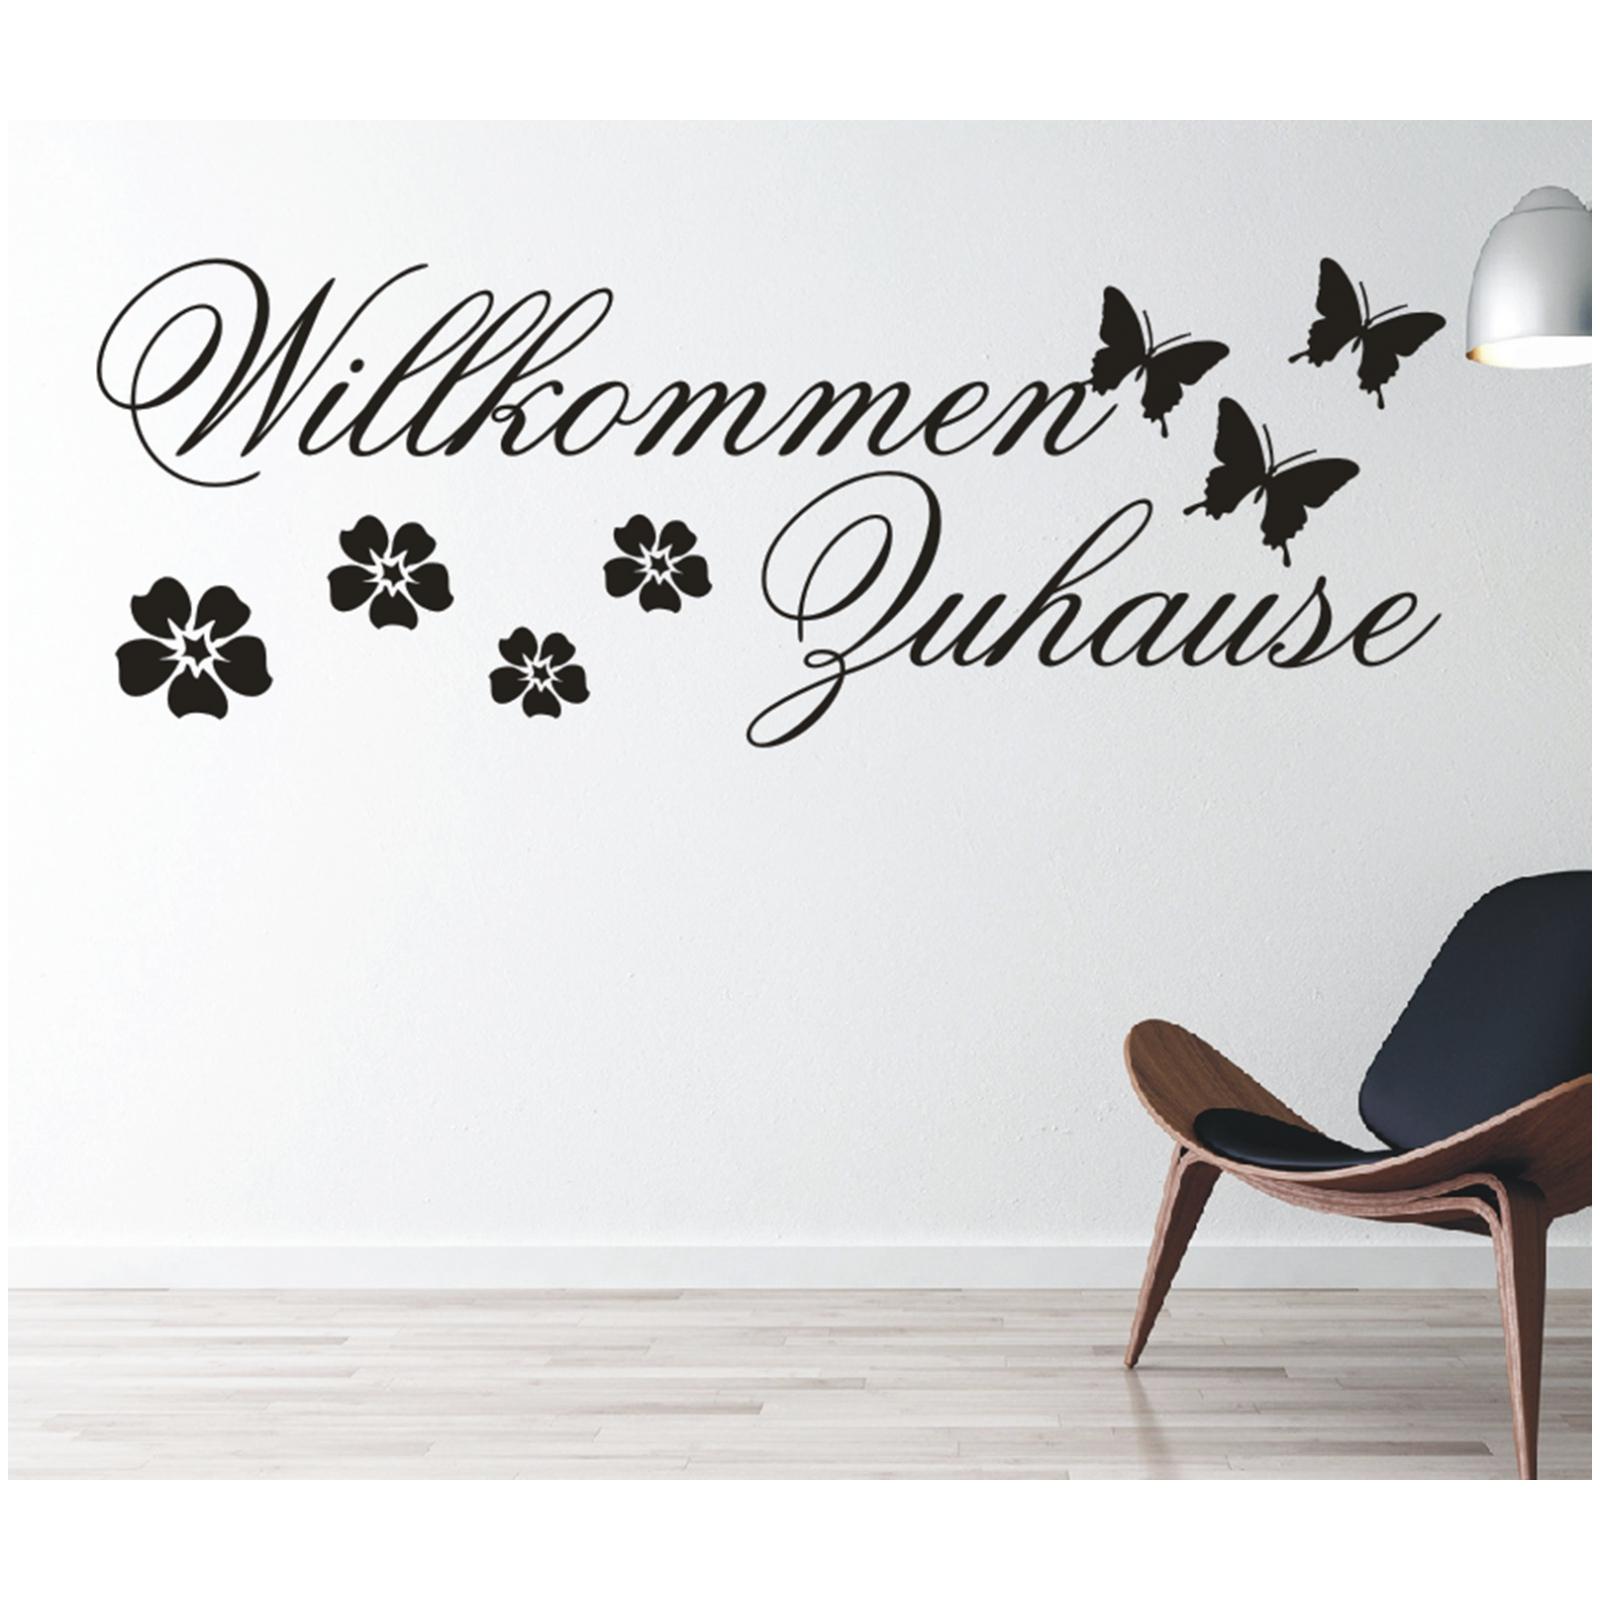 Großartig Wandtattoo Auf Rauputz Sammlung Von Traumhafte Wandtattoos - Frisch Für Sie Angefertigt!